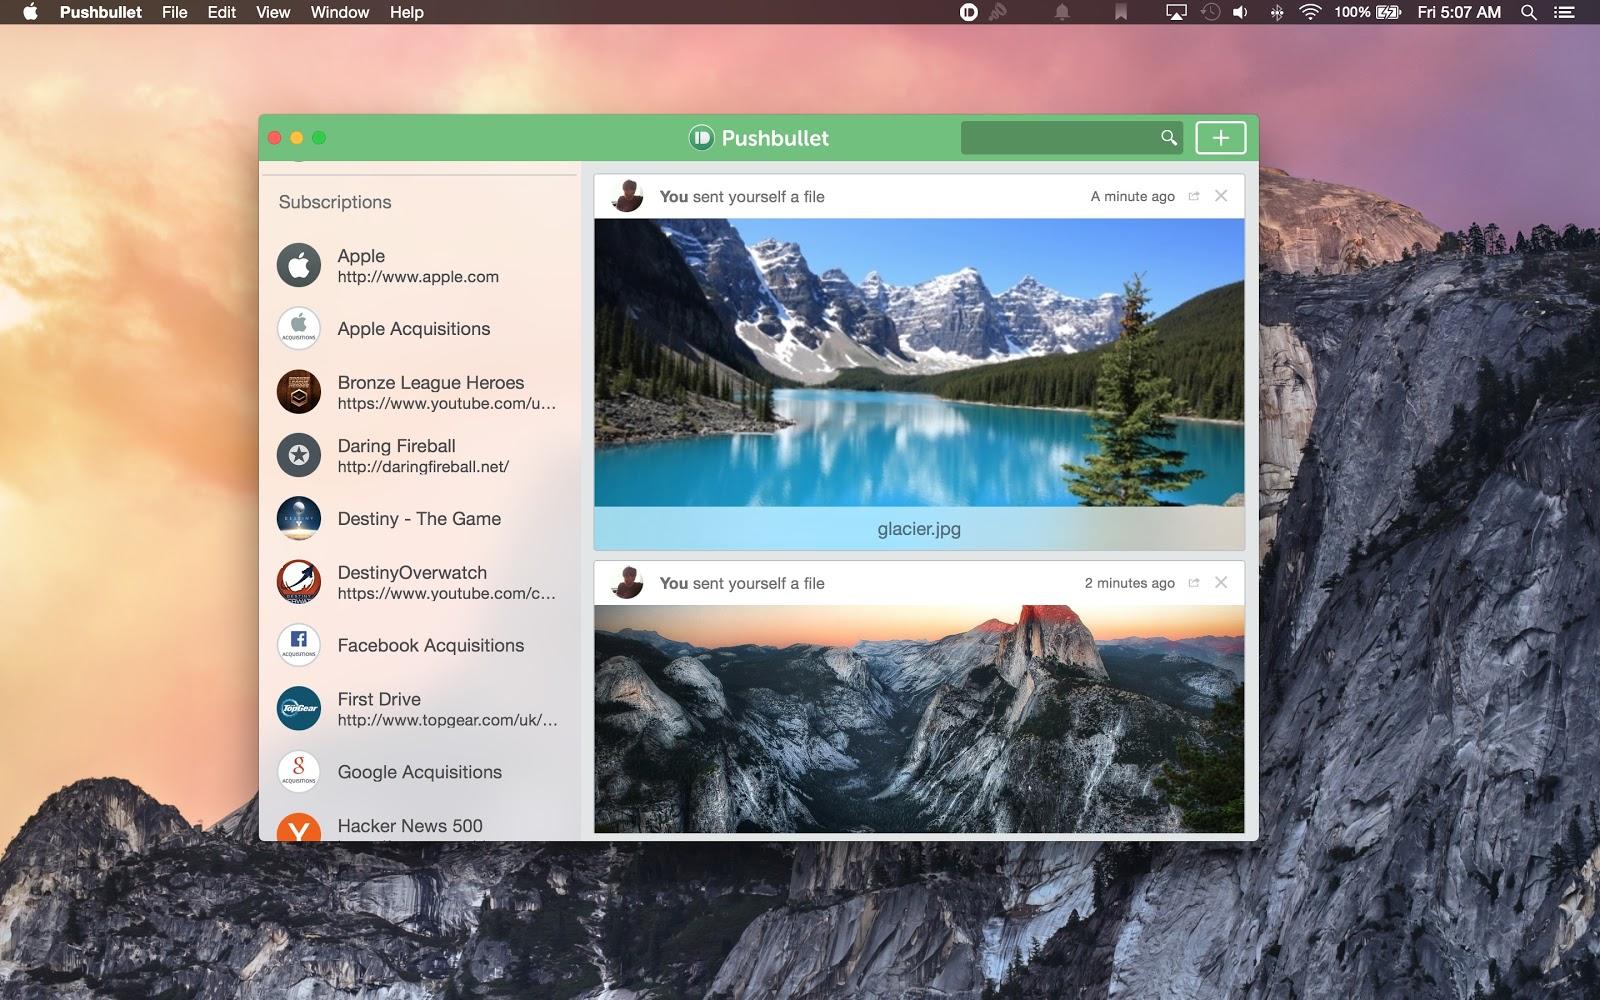 Pushbullet disponibil acum pe Mac, iOS şi primeşte şi suport pentru tandemul Safari-aplicatie Android